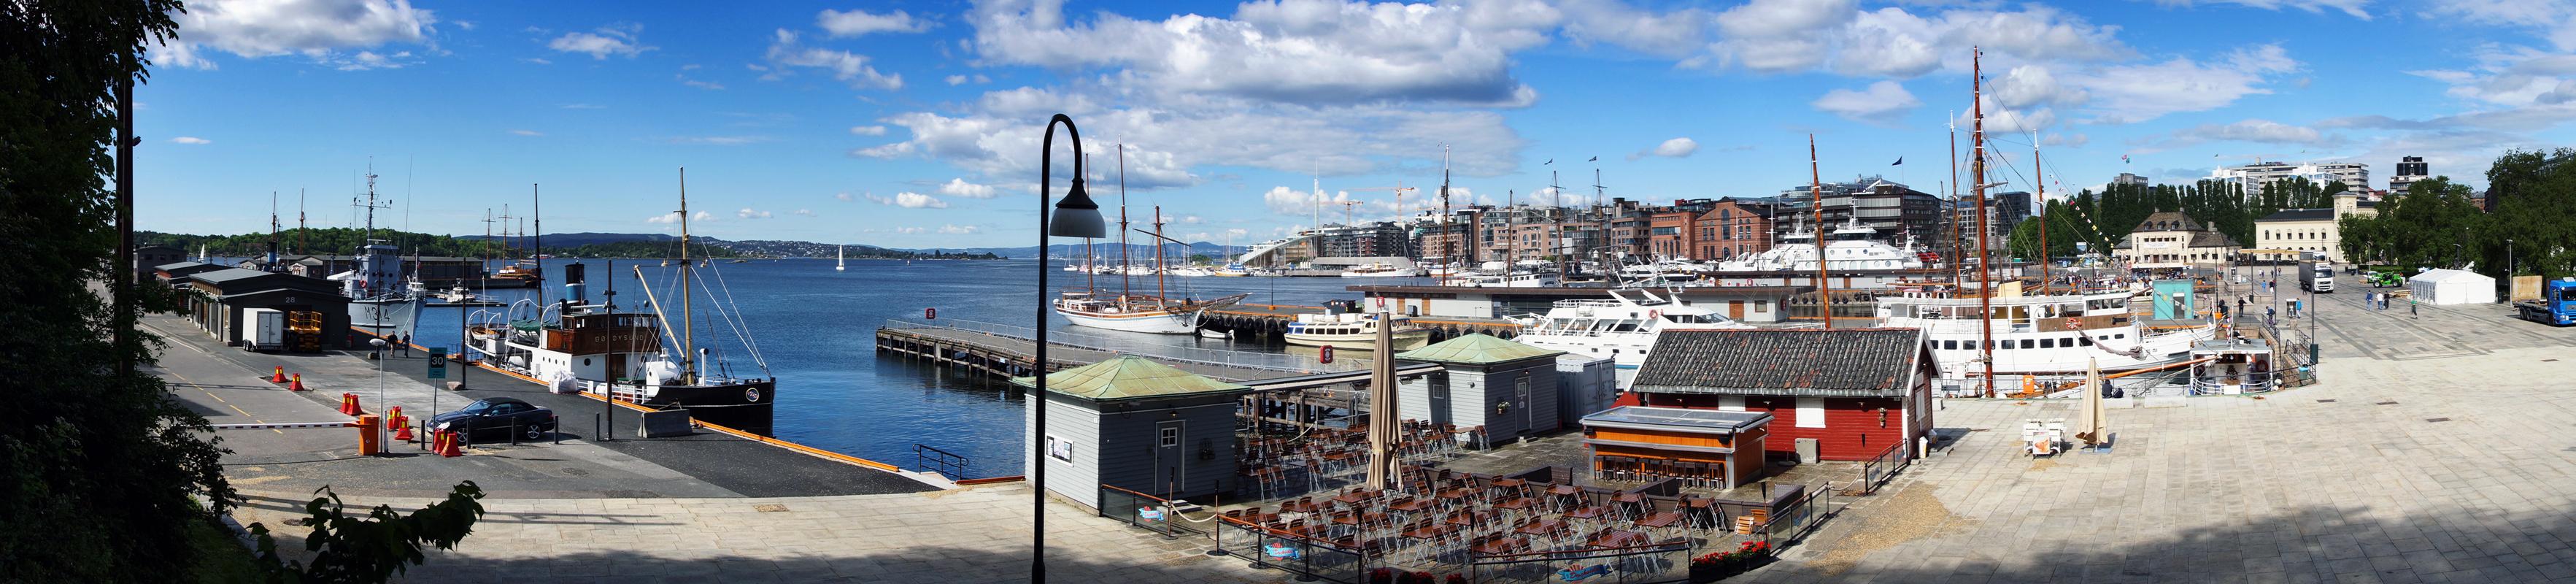 vue panoramique sur le port d'Oslo